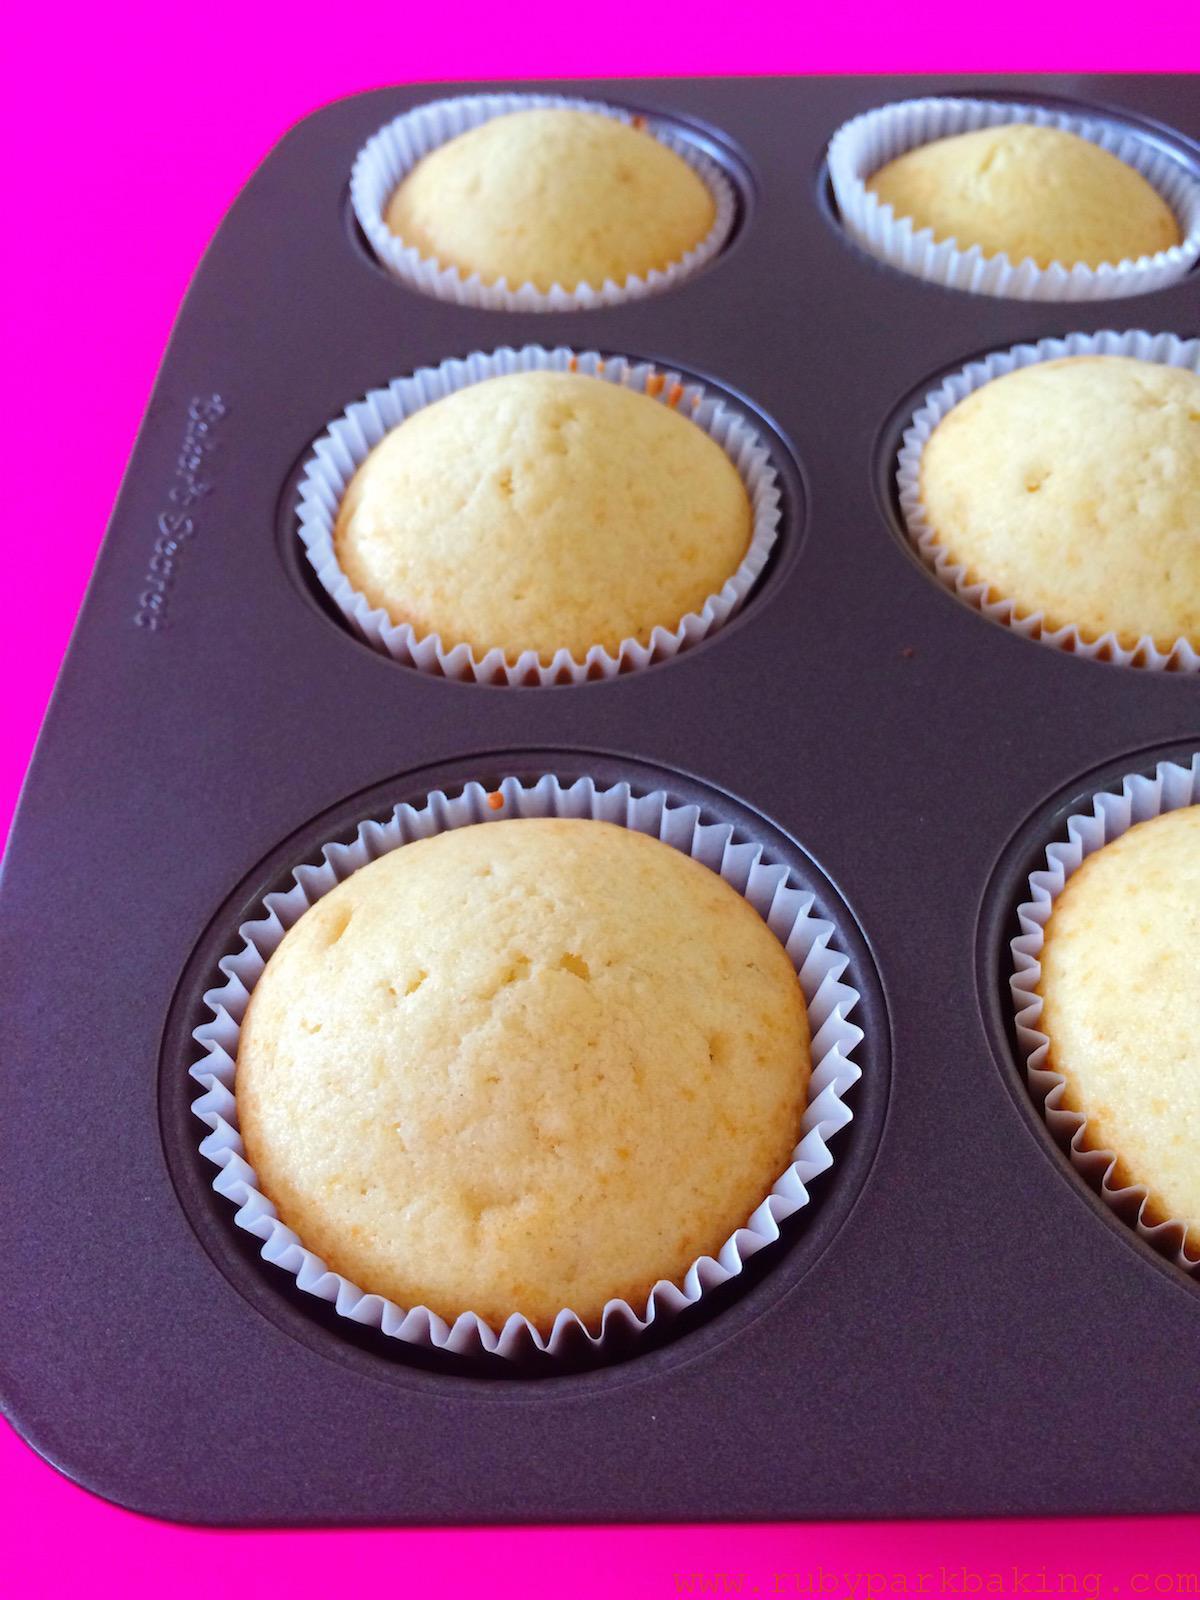 Moist vanilla cupcakes on rubyparkbaking.com